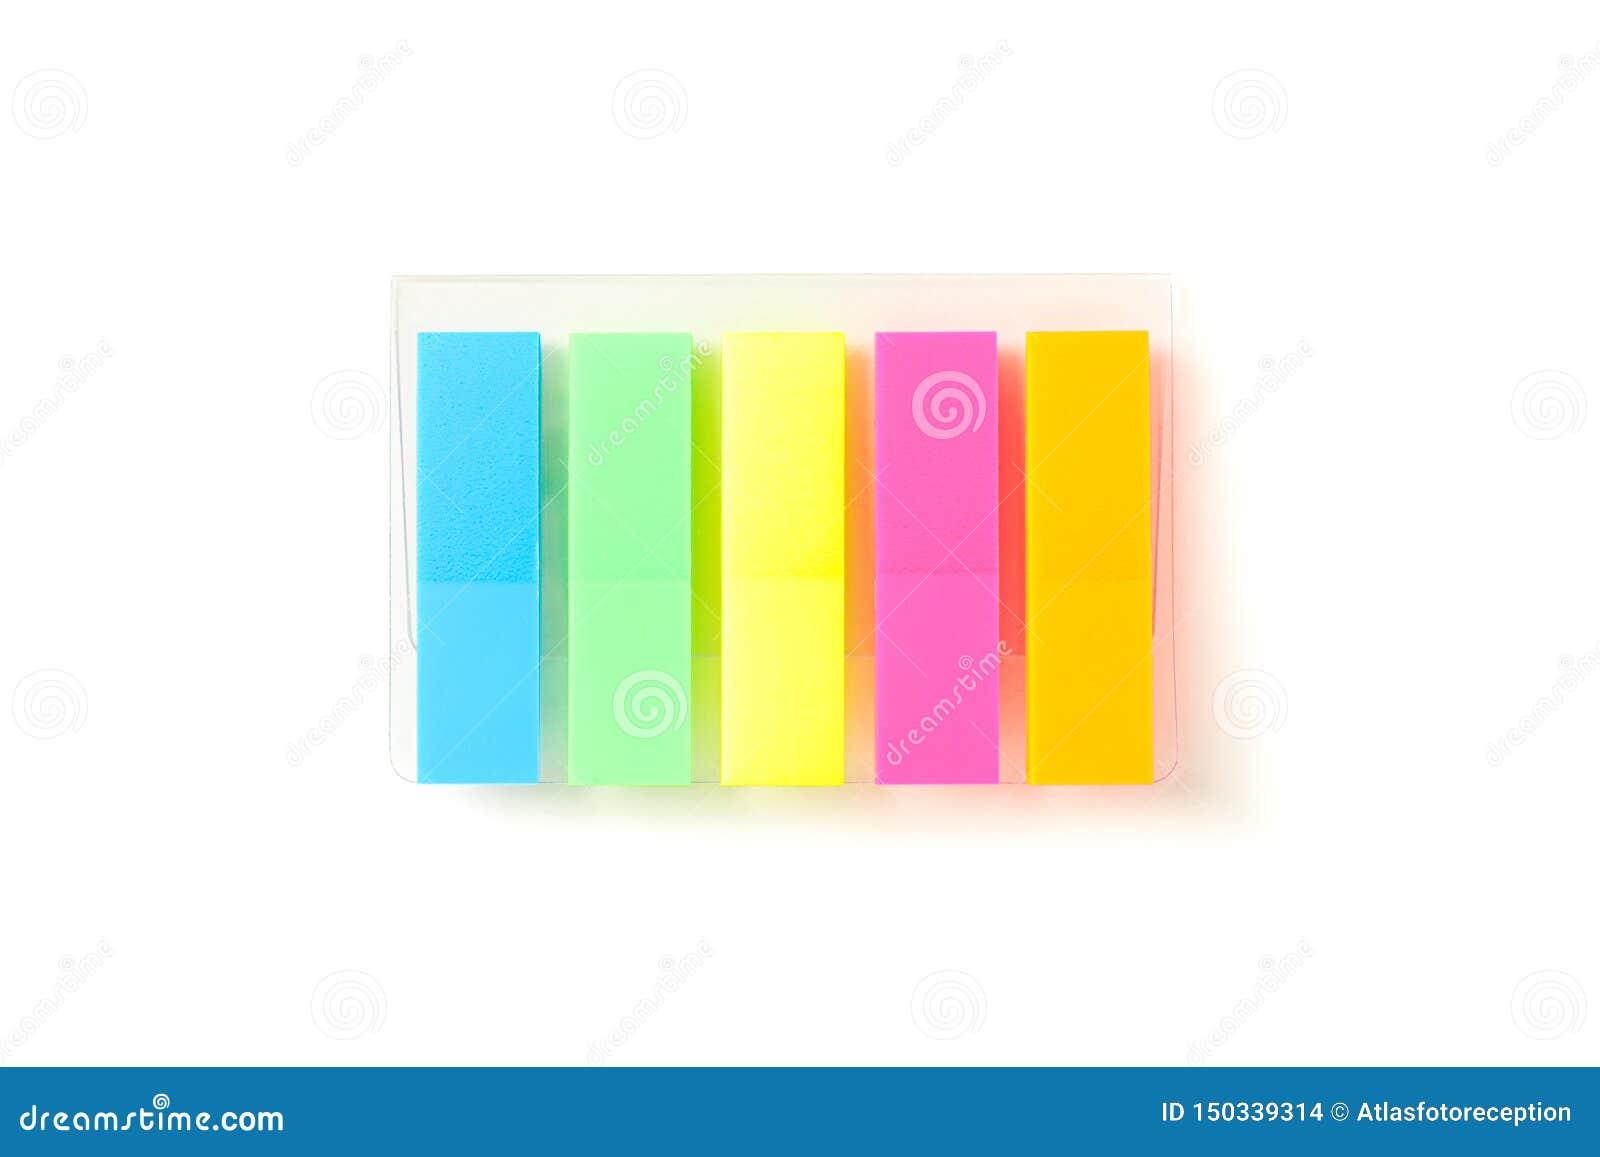 Αυτοκόλλητες ετικέττες χρώματος στη διαφανή συσκευασία που απομονώνεται